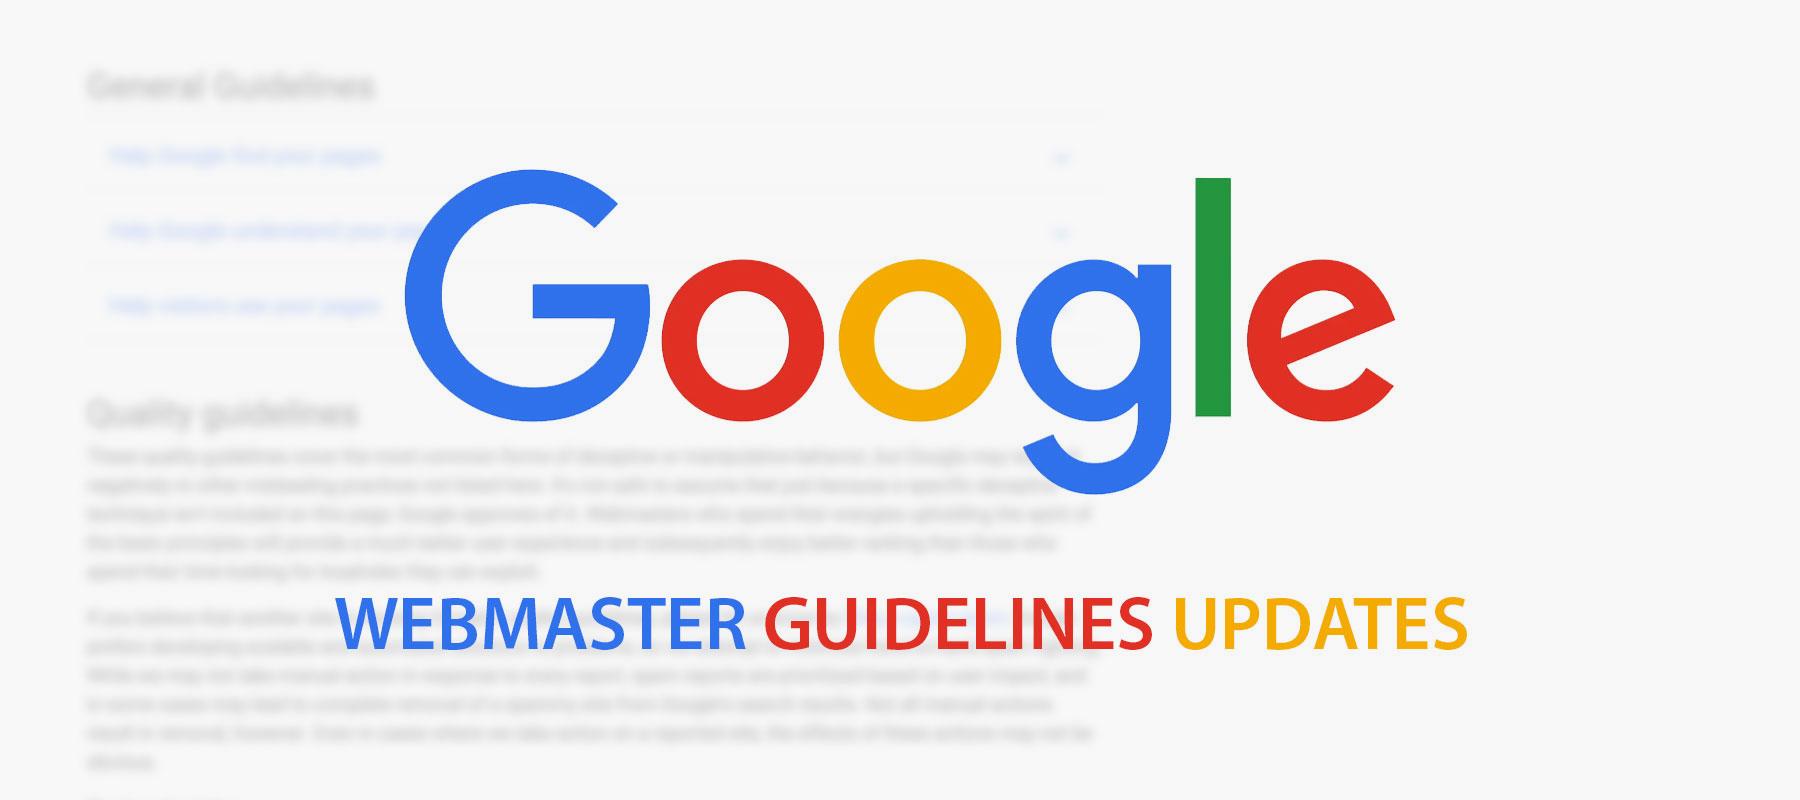 googleheaderwebmaster